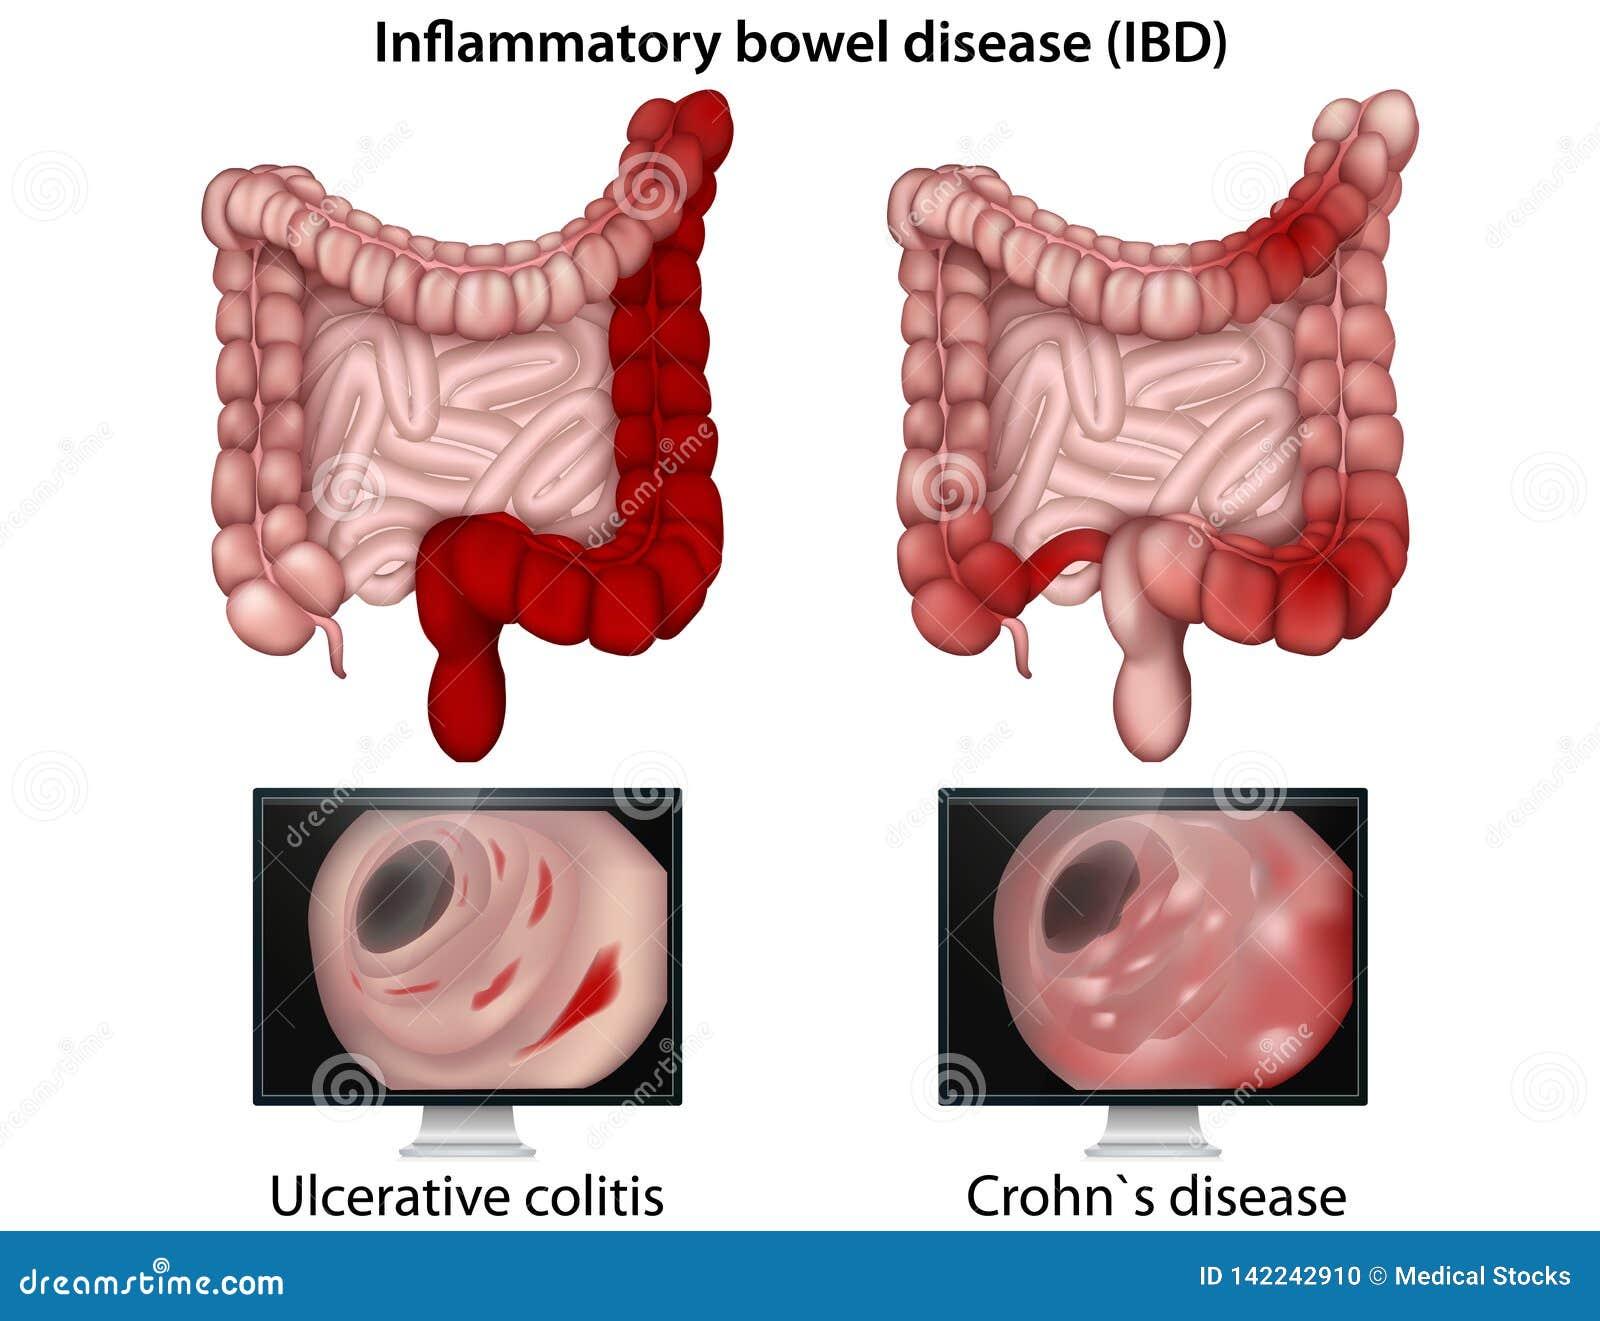 Inflammatory bowel disease medical  illustration on white background